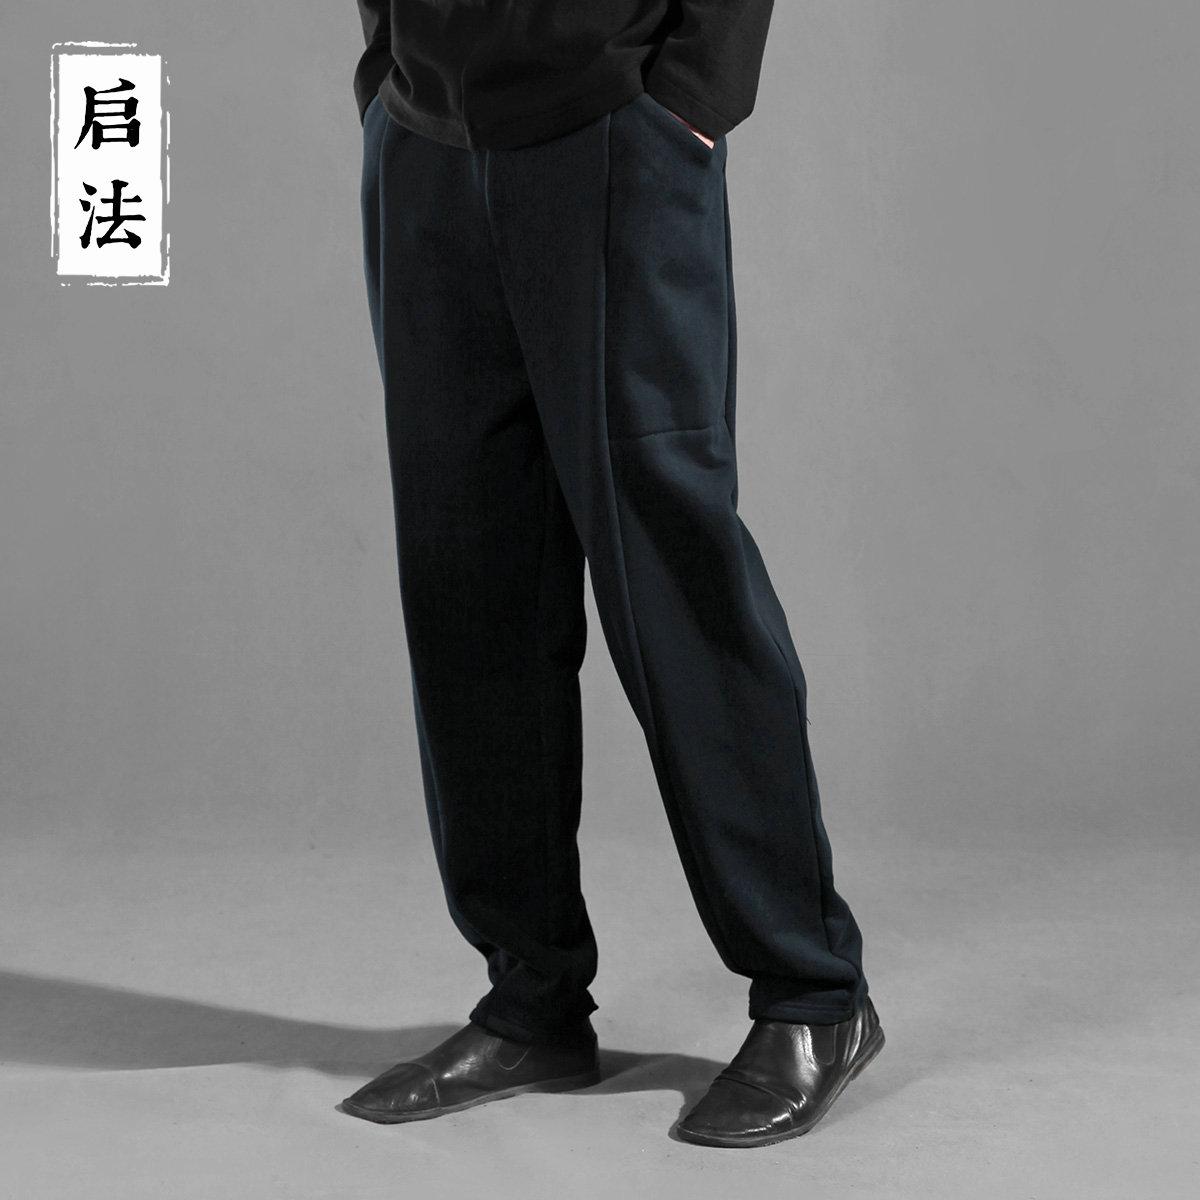 Kaifa quần nam chính hãng thường mùa đông nam ấm áp cộng với quần nhung cotton thẳng quần nam dày - Quần tây thường